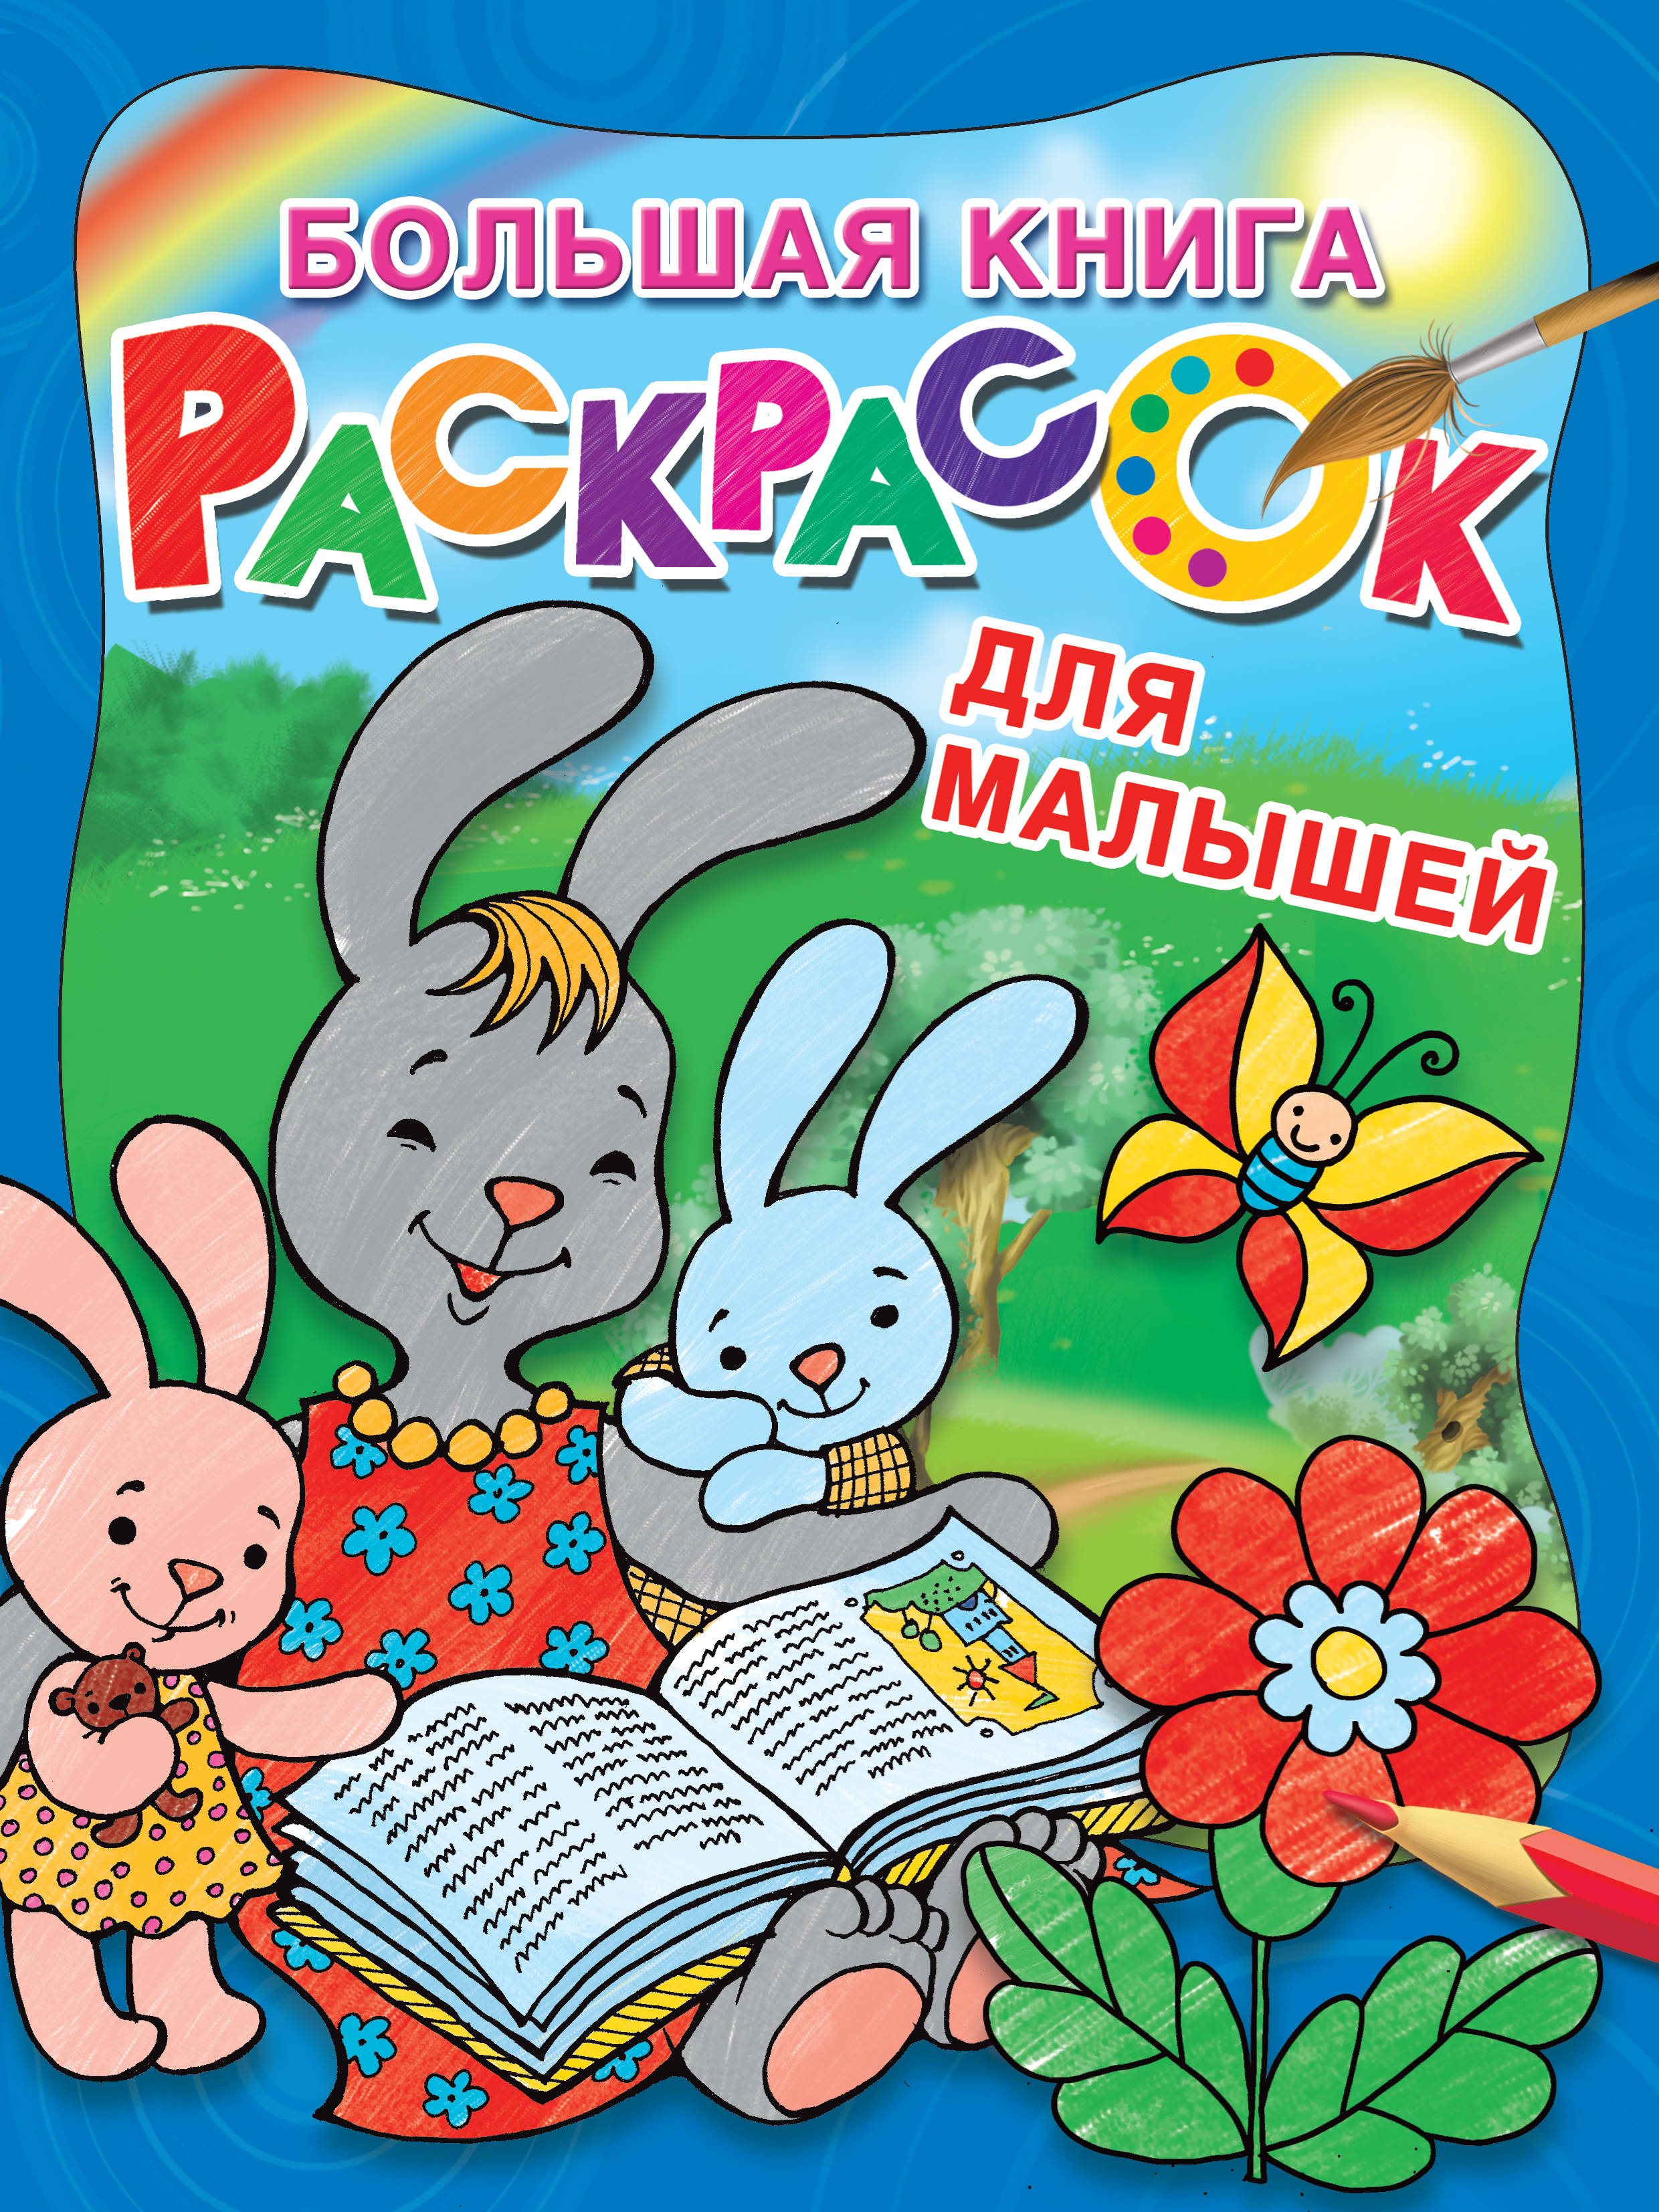 Двинина Л.В. Большая книга раскрасок для малышей